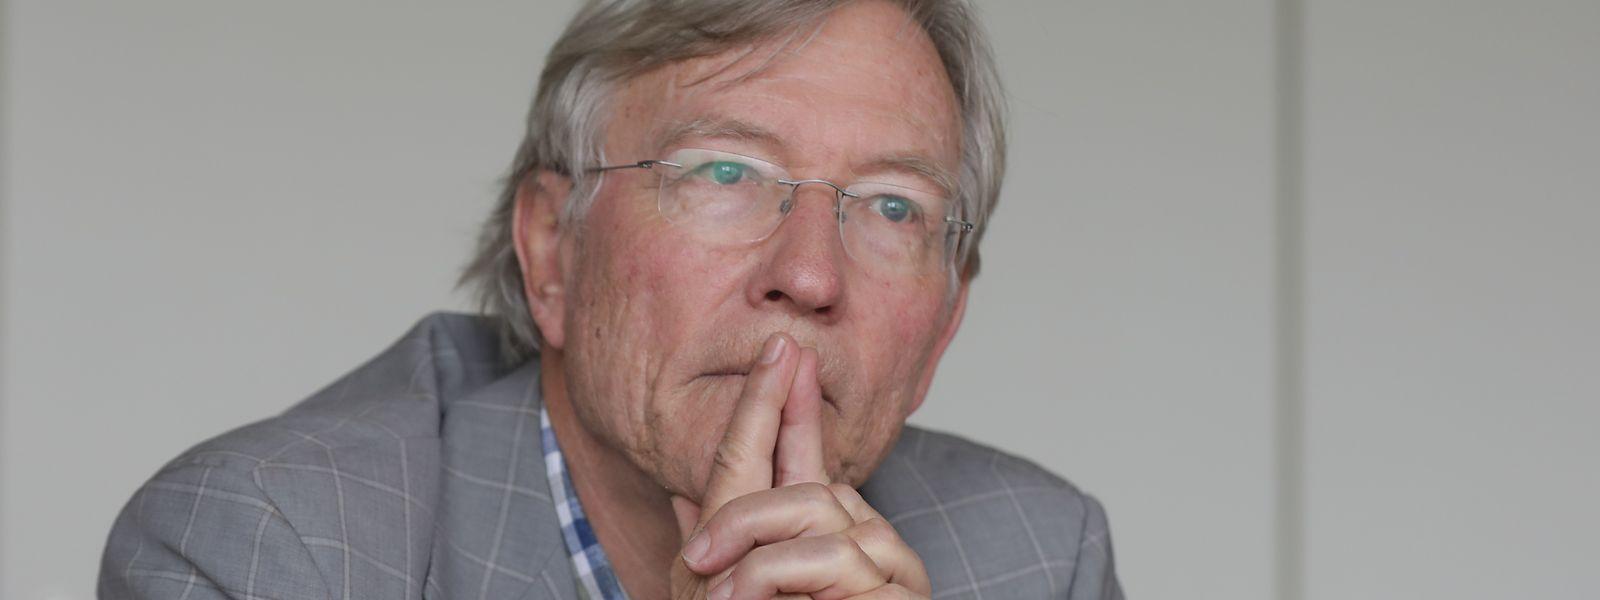 Leitete zehn Jahre die Universität Luxemburg: Rolf Tarrach.